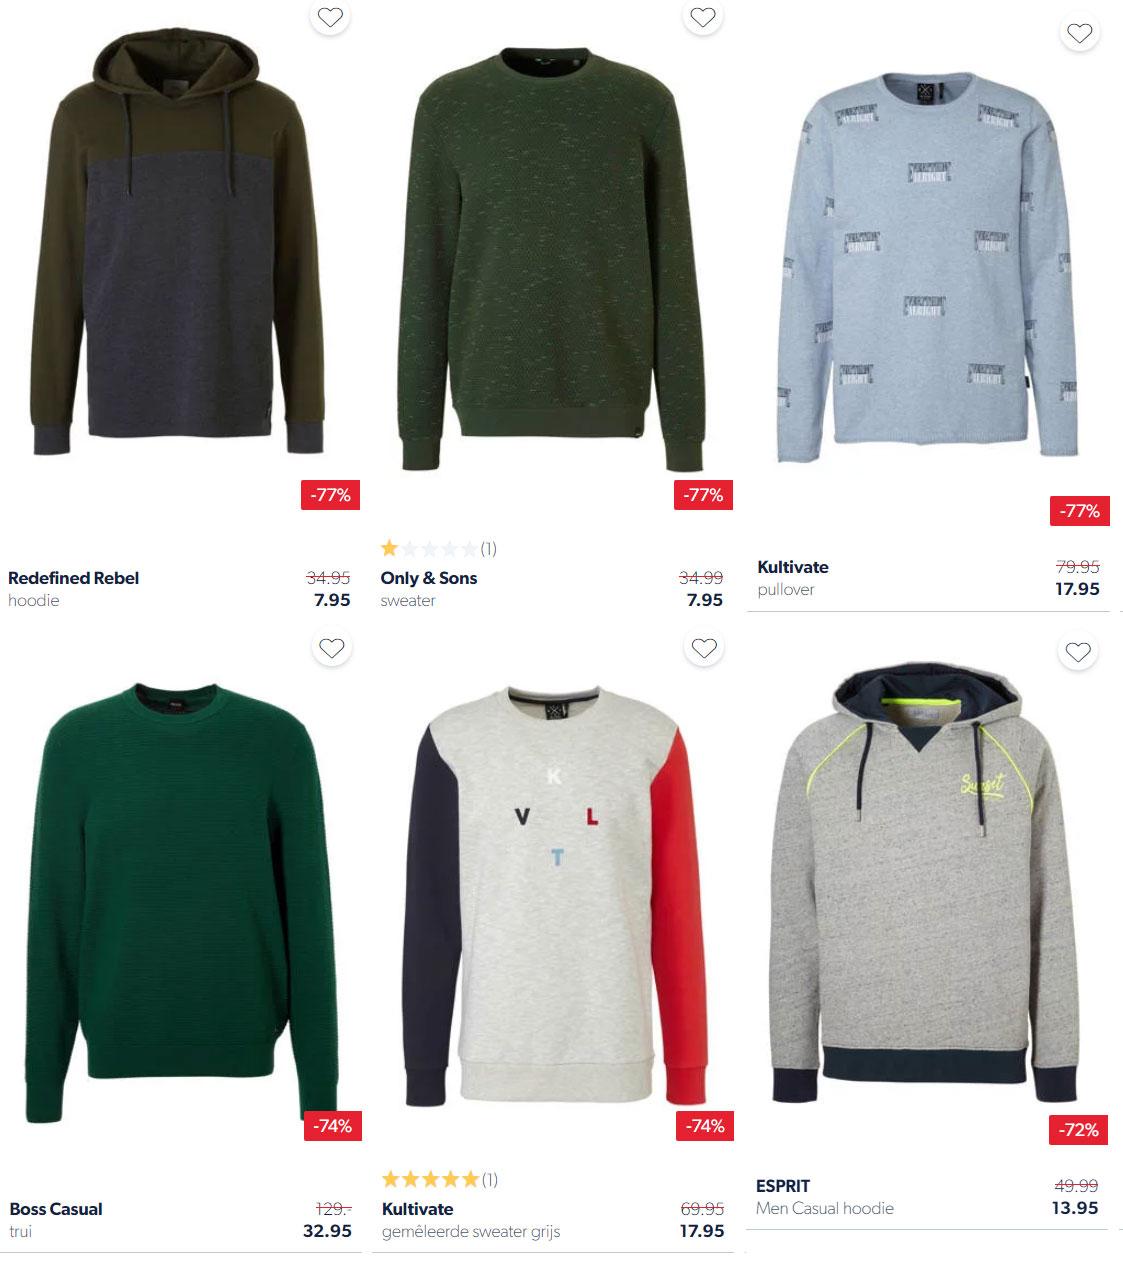 Heren merk truien / sweaters / hoodies tot -78% korting @ Wehkamp